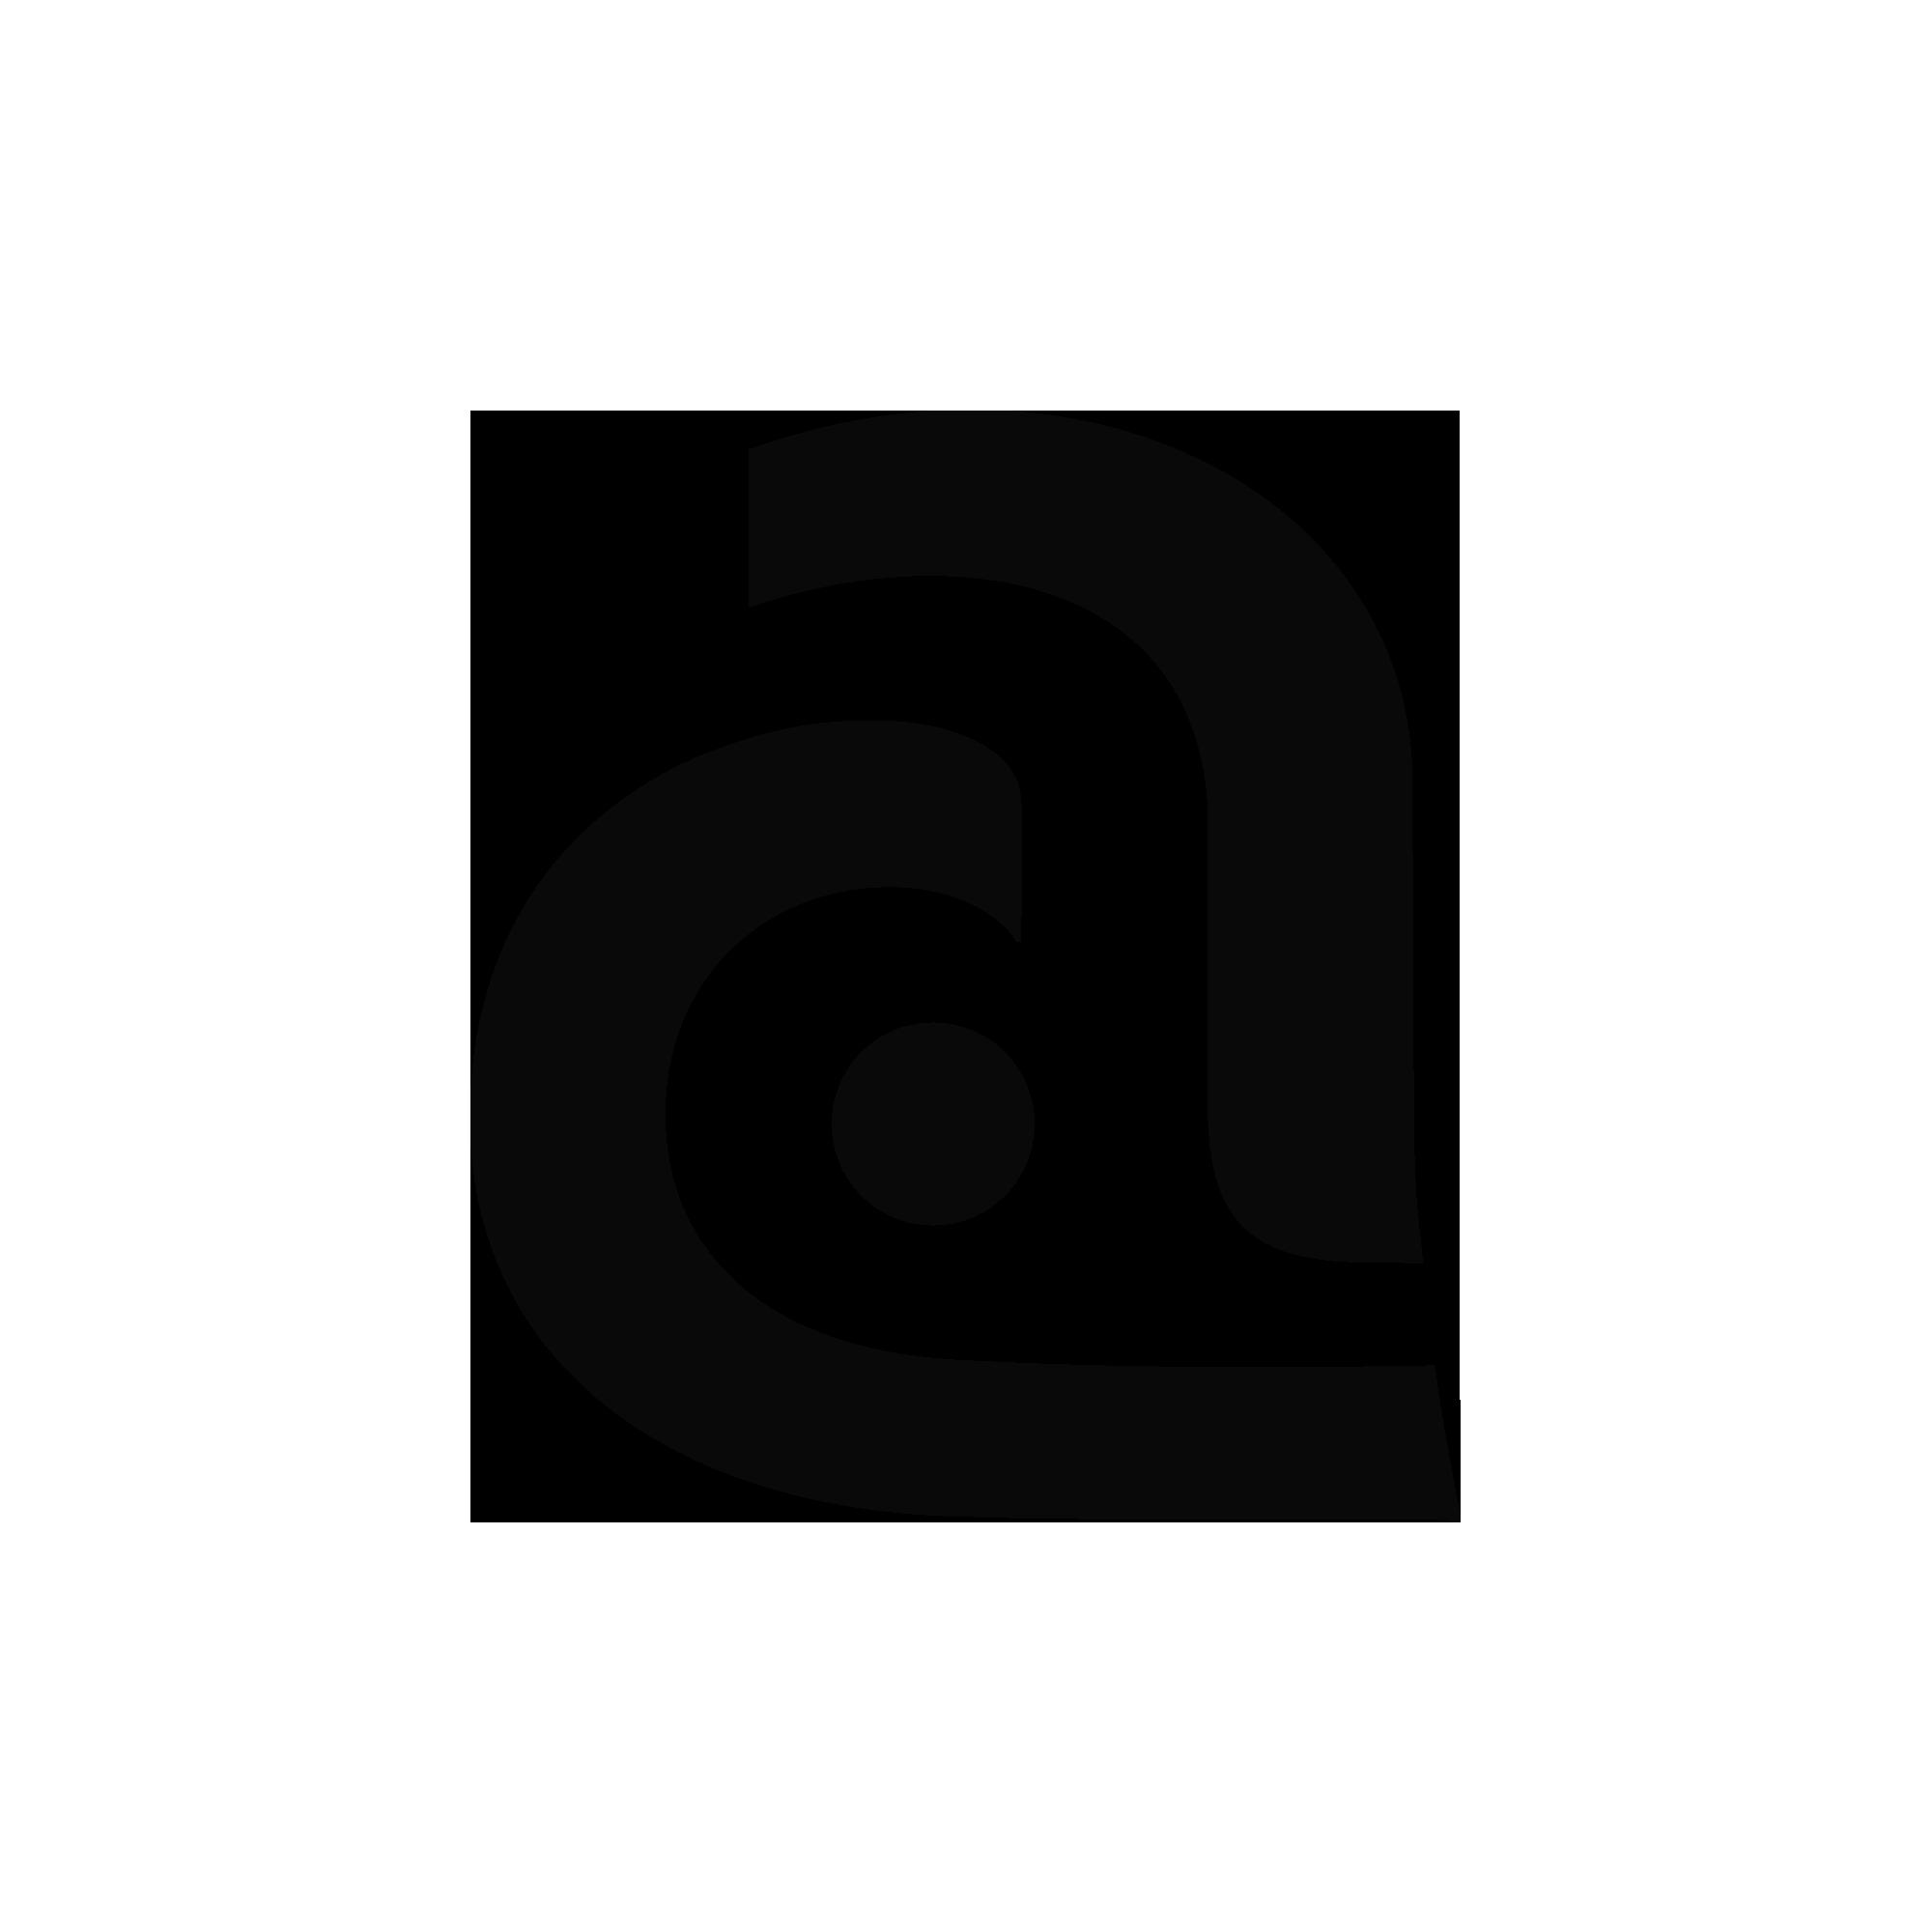 Alliance Artist Communities